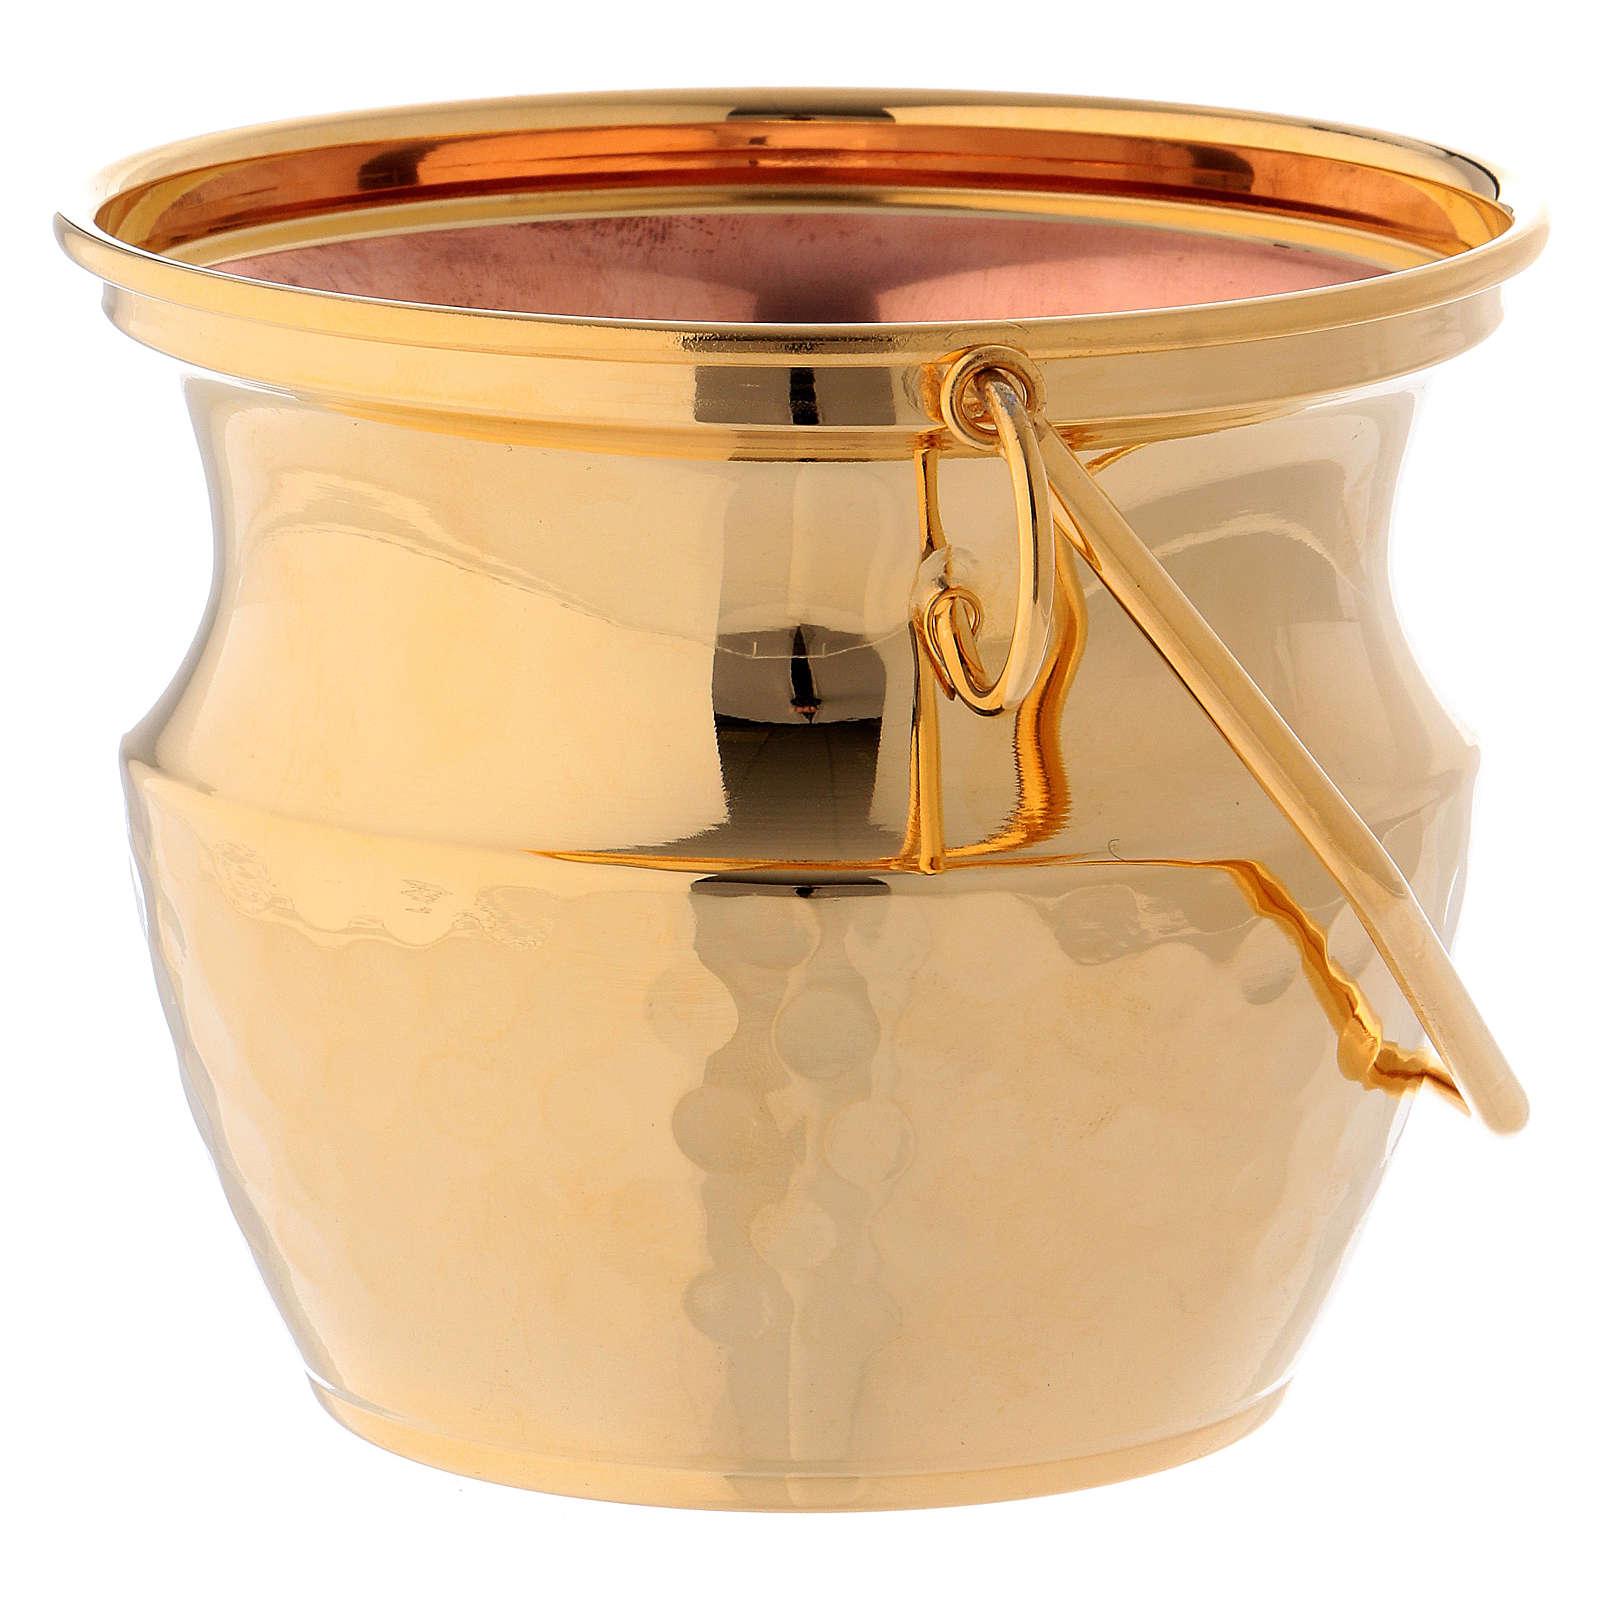 Secchiello per acqua santa ottone dorato 3